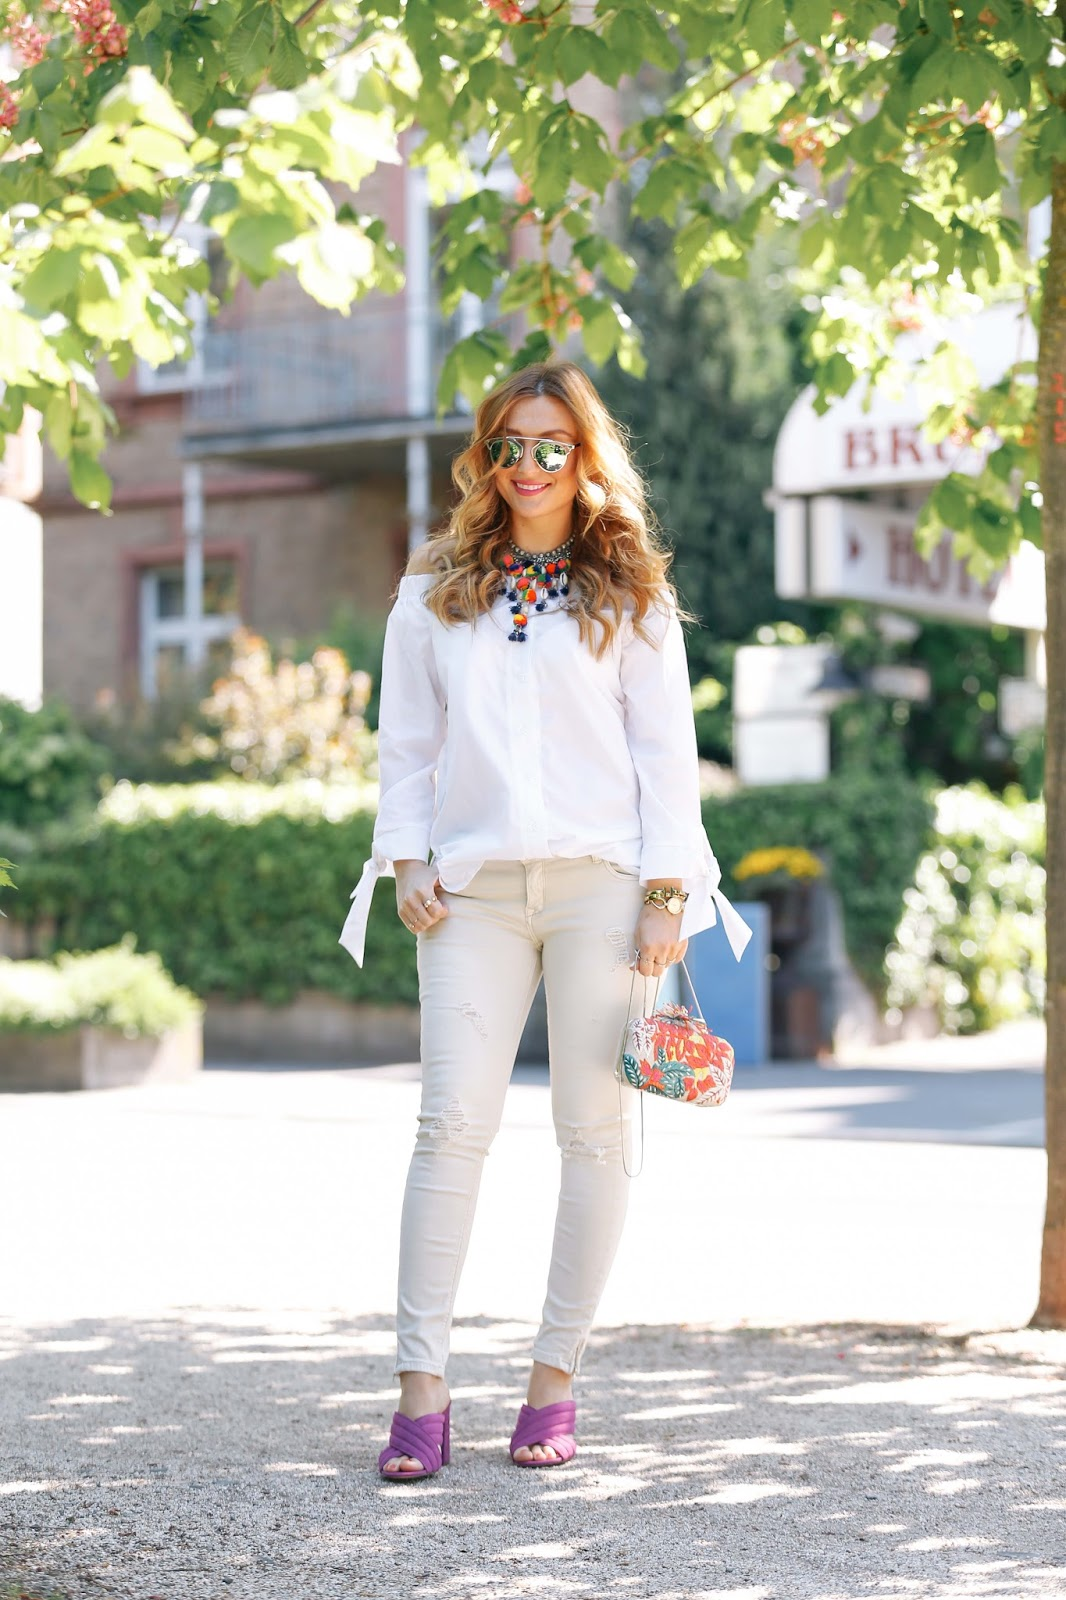 Pinke.-Mules-mules-wie-von-gucci-beige-jeans-bloggerstyle-deutsche-fashionblogger